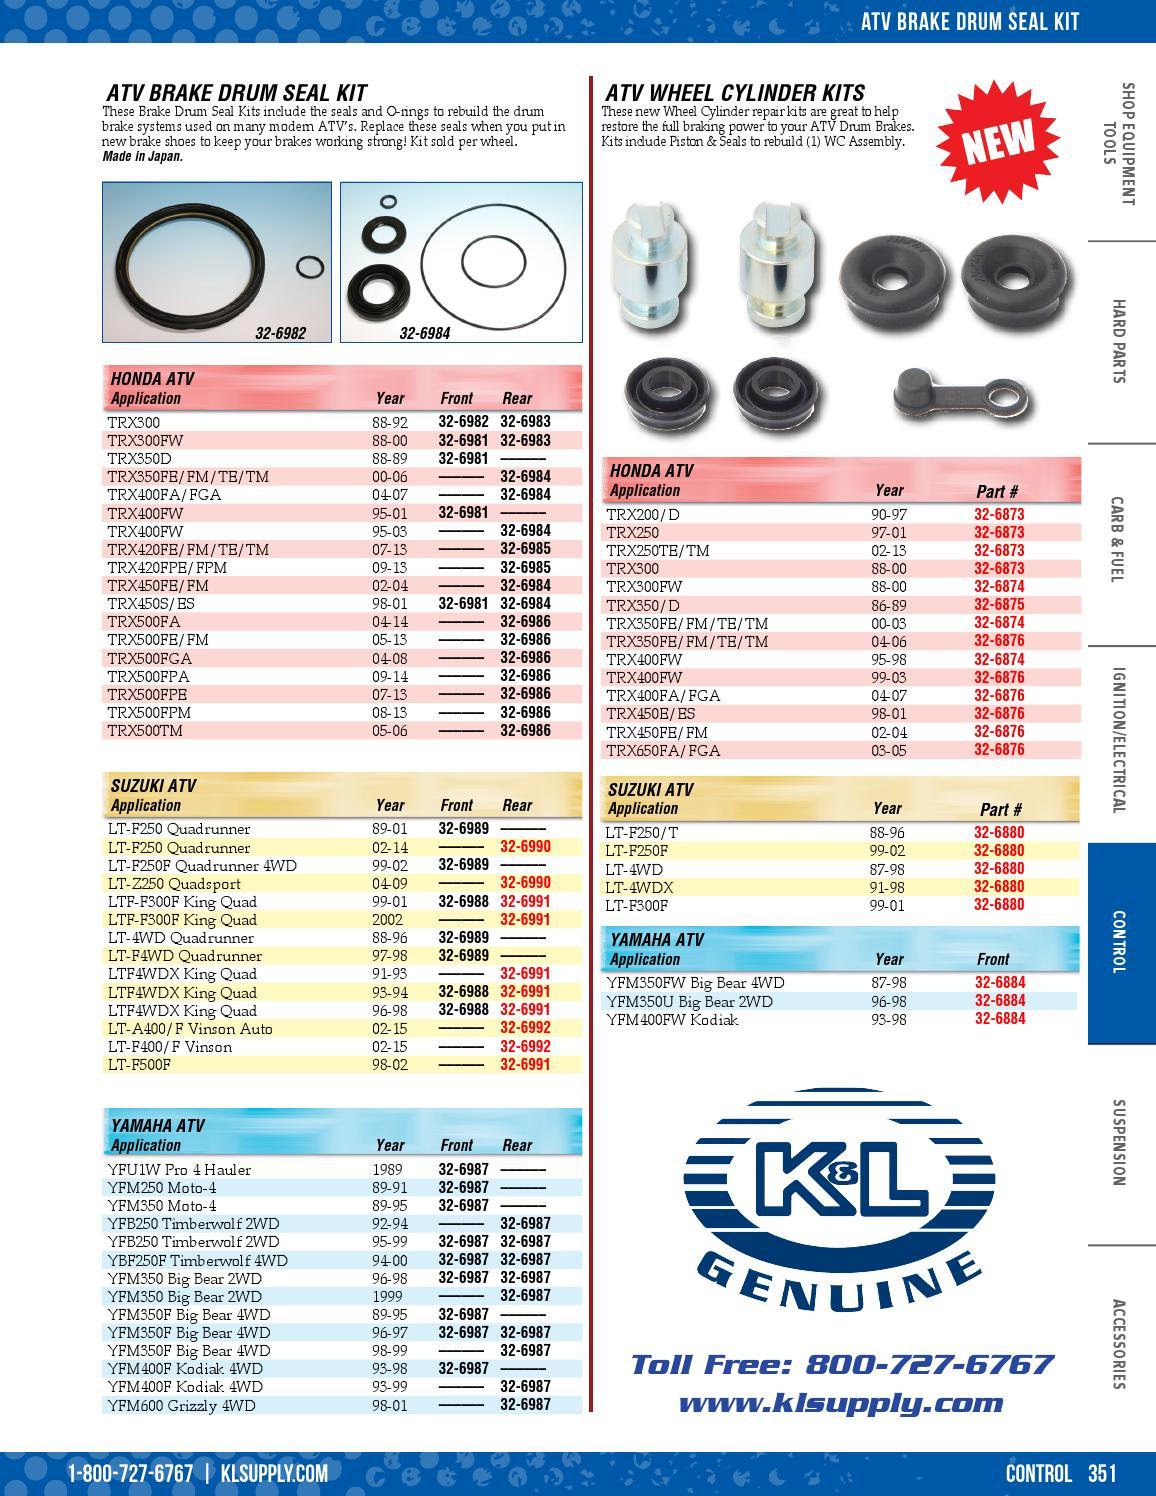 Suzuki 99-01 LTF-F300F King Quad K/&L REAR ATV Brake Drum Seal Kit 32-6991